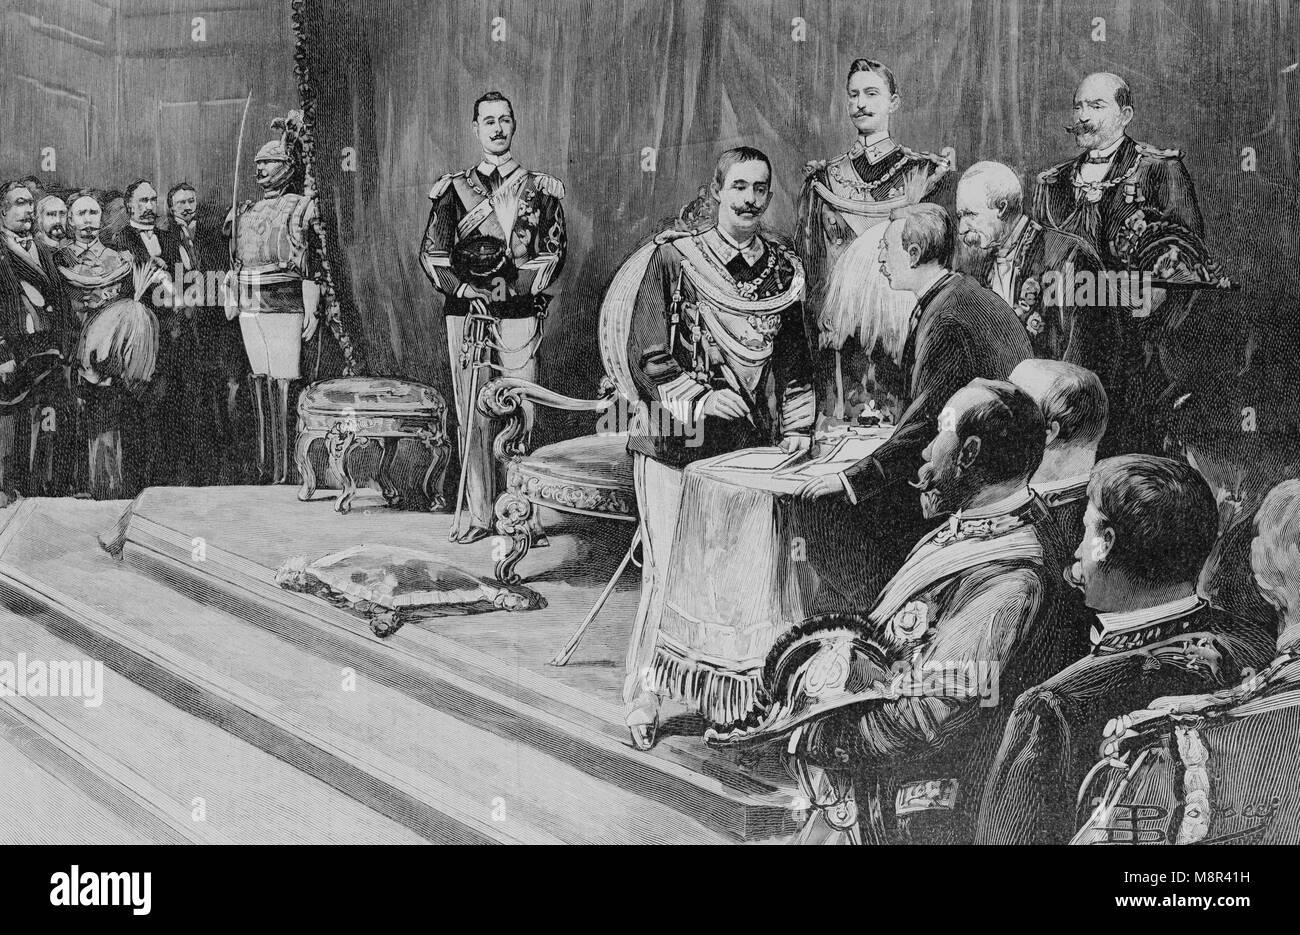 El rey Victor Emmanuel III de Italia durante su coronación, imagen del semanario francés l'Illustration, Imagen De Stock